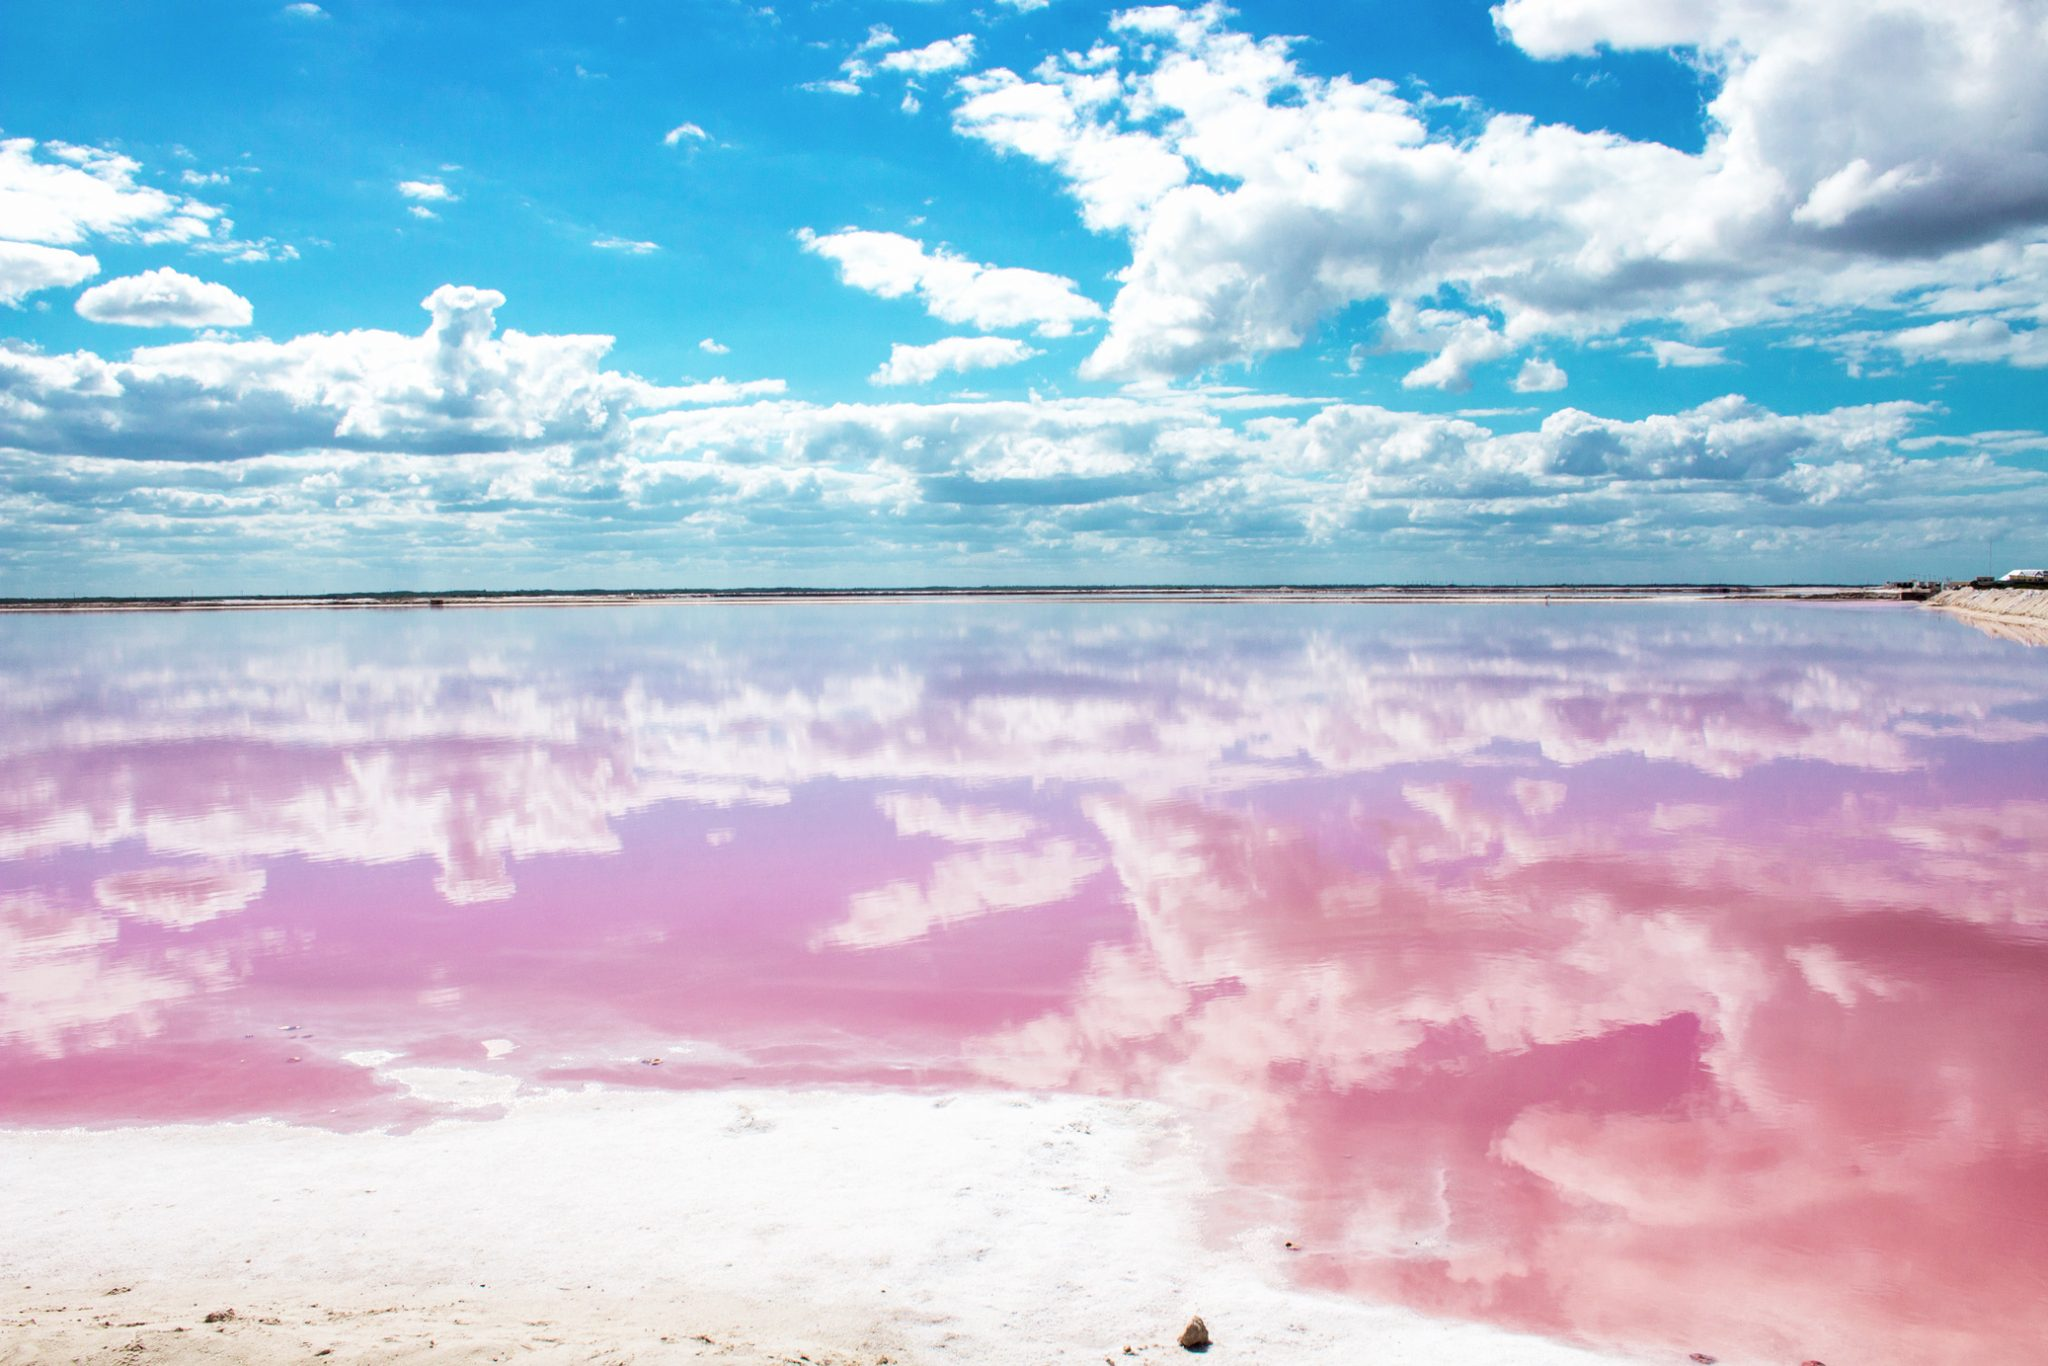 Las Coloradas Pink Lake Lagoon Mexico